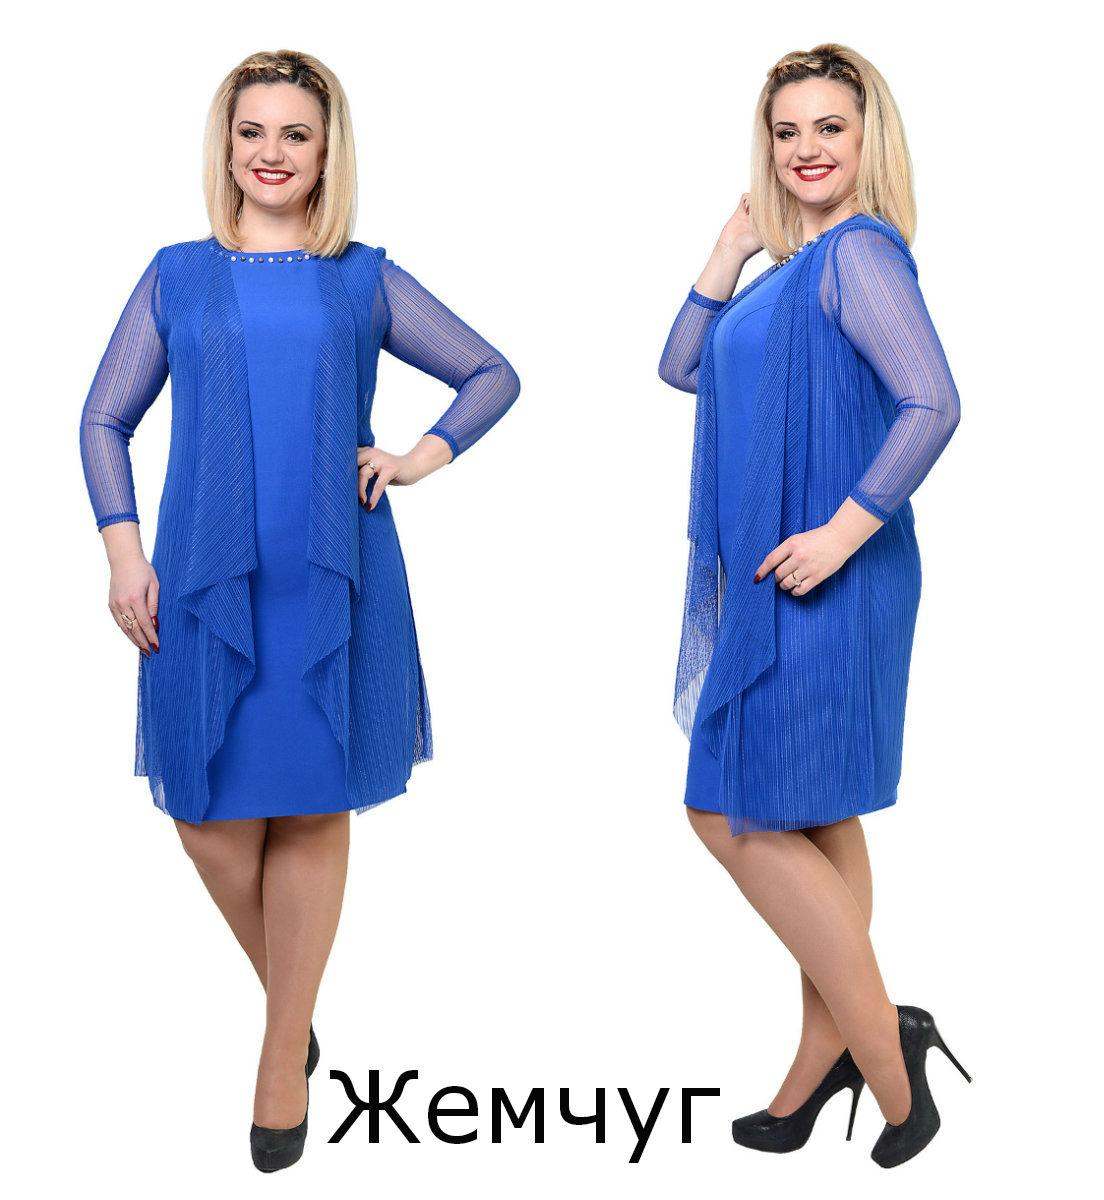 Женский нарядный костюм платье+легкий жакет, р. 48,50,52,54